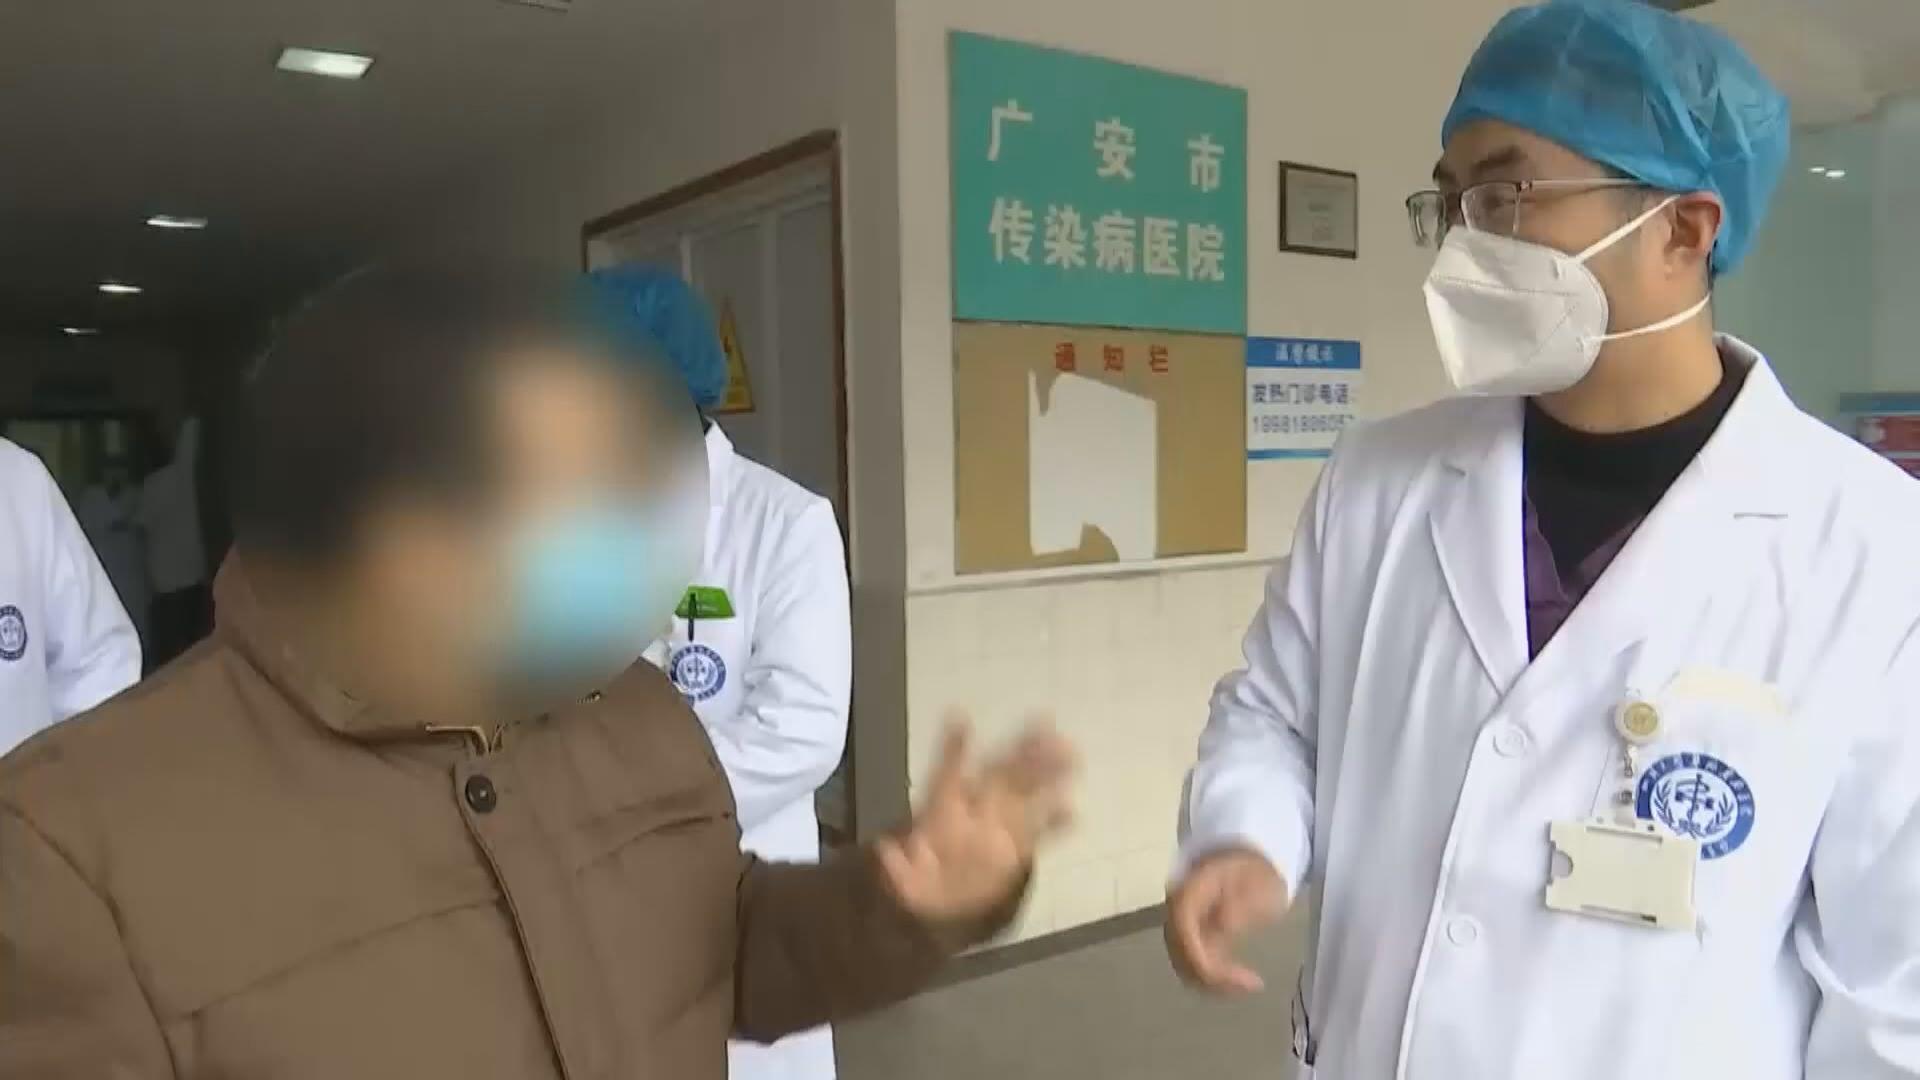 四川成都出現治癒後十天複檢再現陽性個案